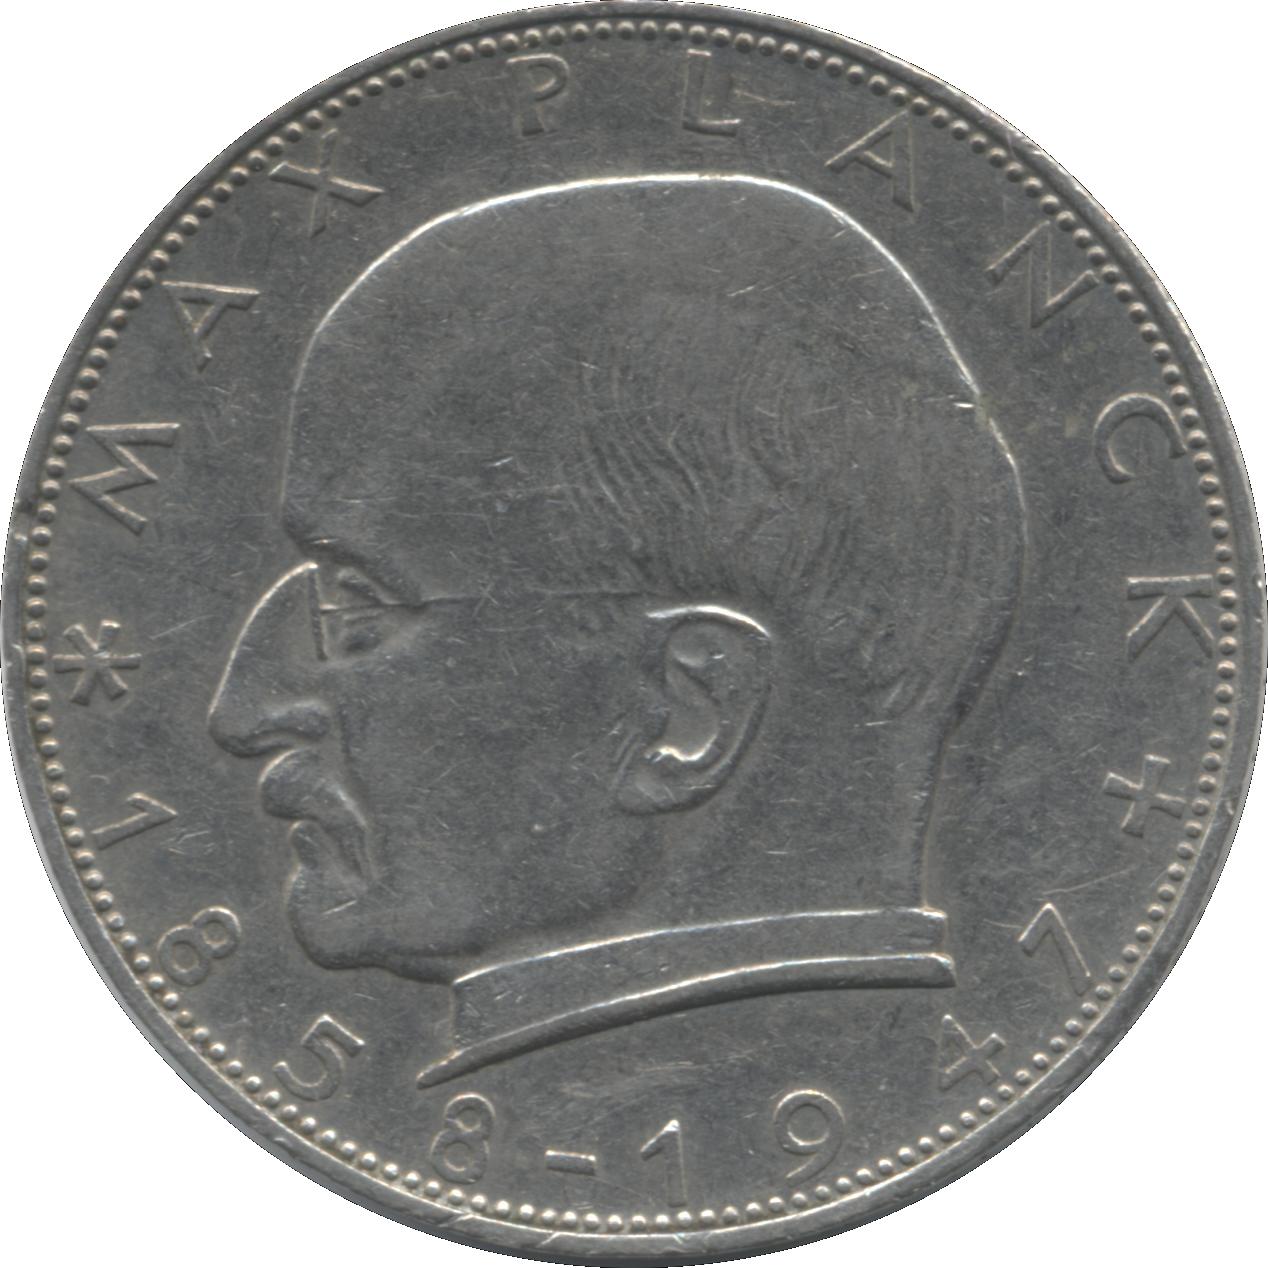 bundesrepublik deutschland 2 deutsche mark coin